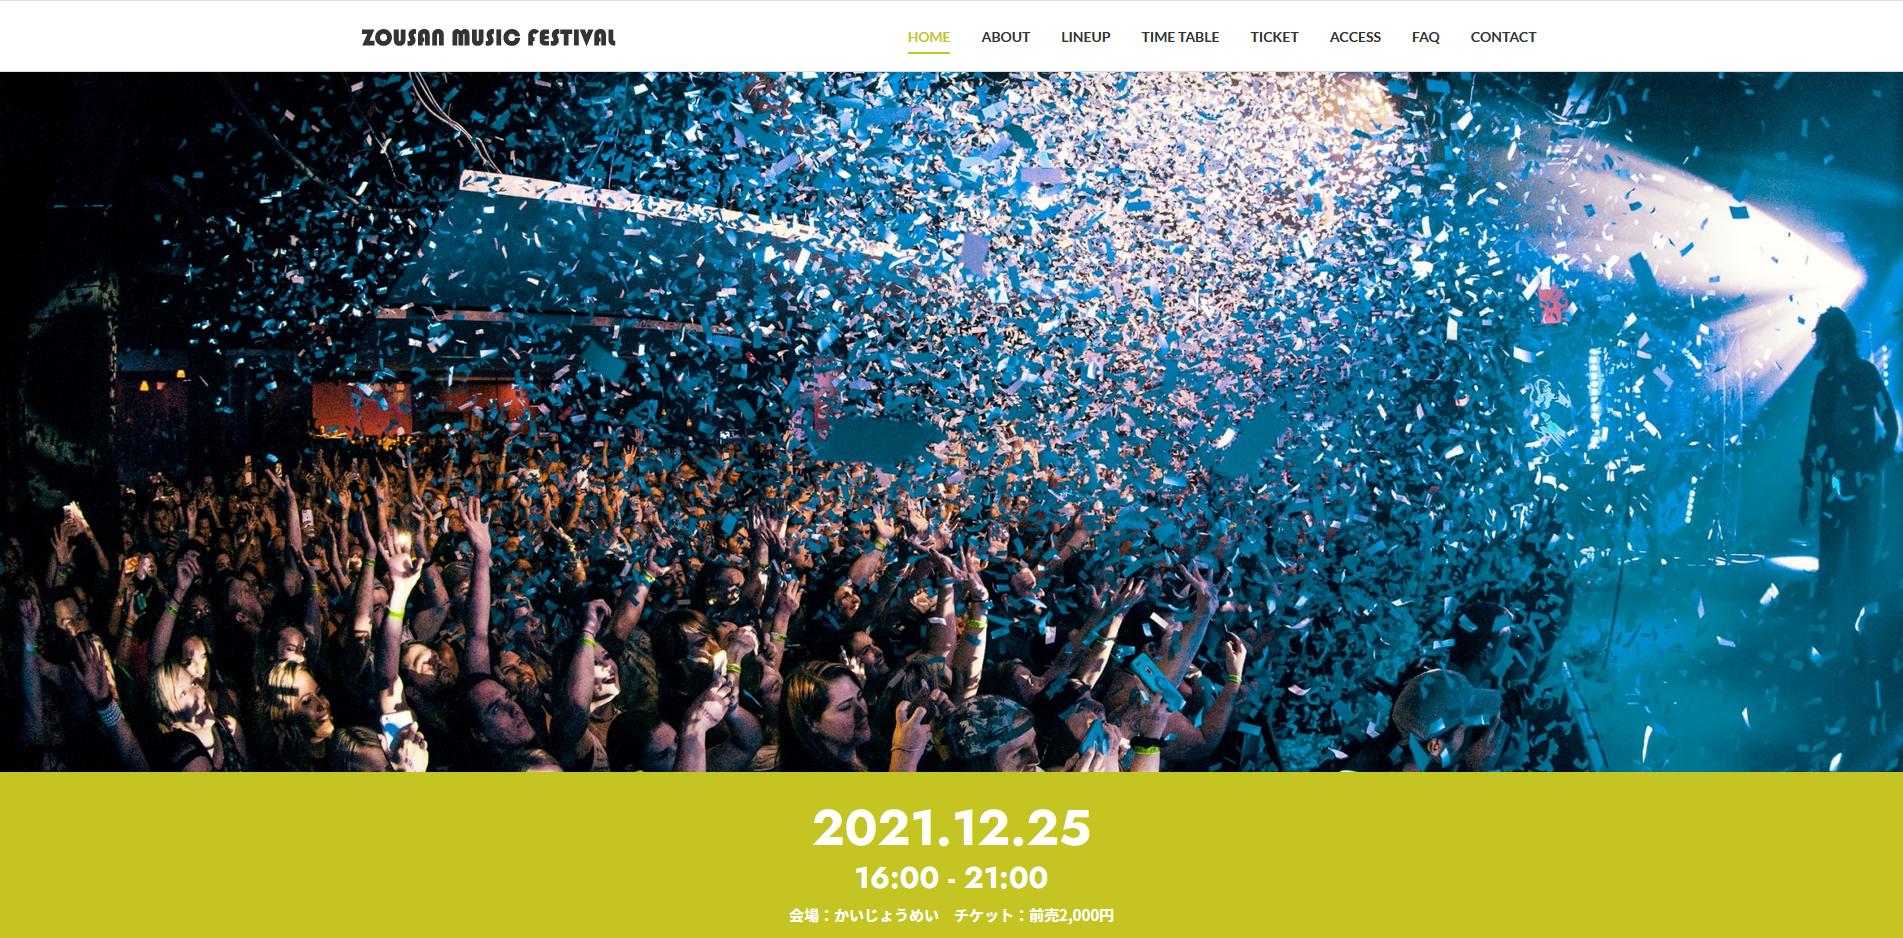 イベント特設サイトに使えるWordPressテーマをリリースしました